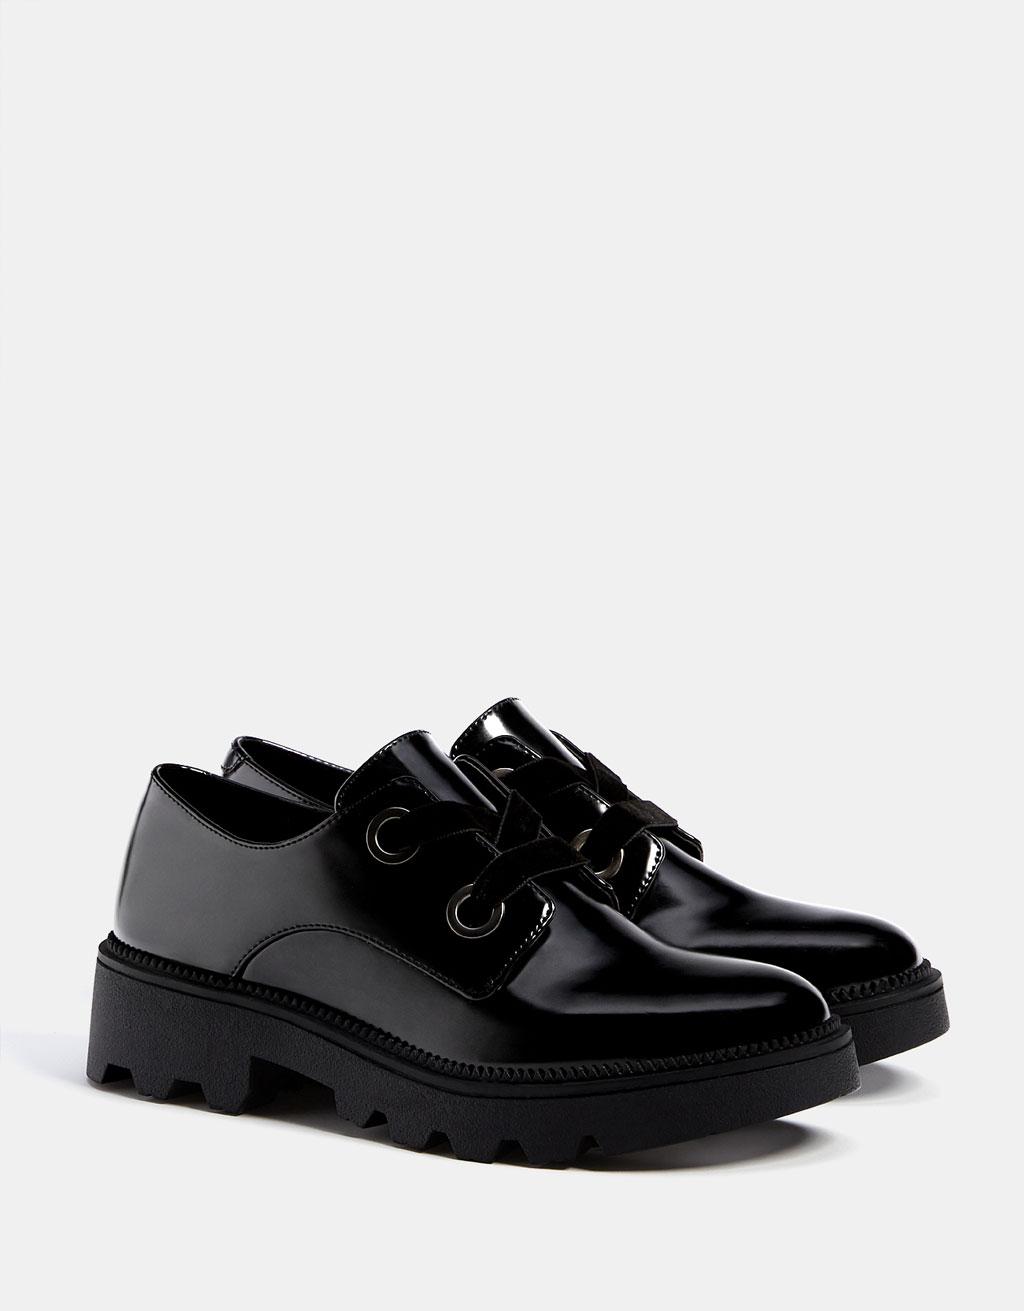 Lastik tabanlı rugan blucher ayakkabı